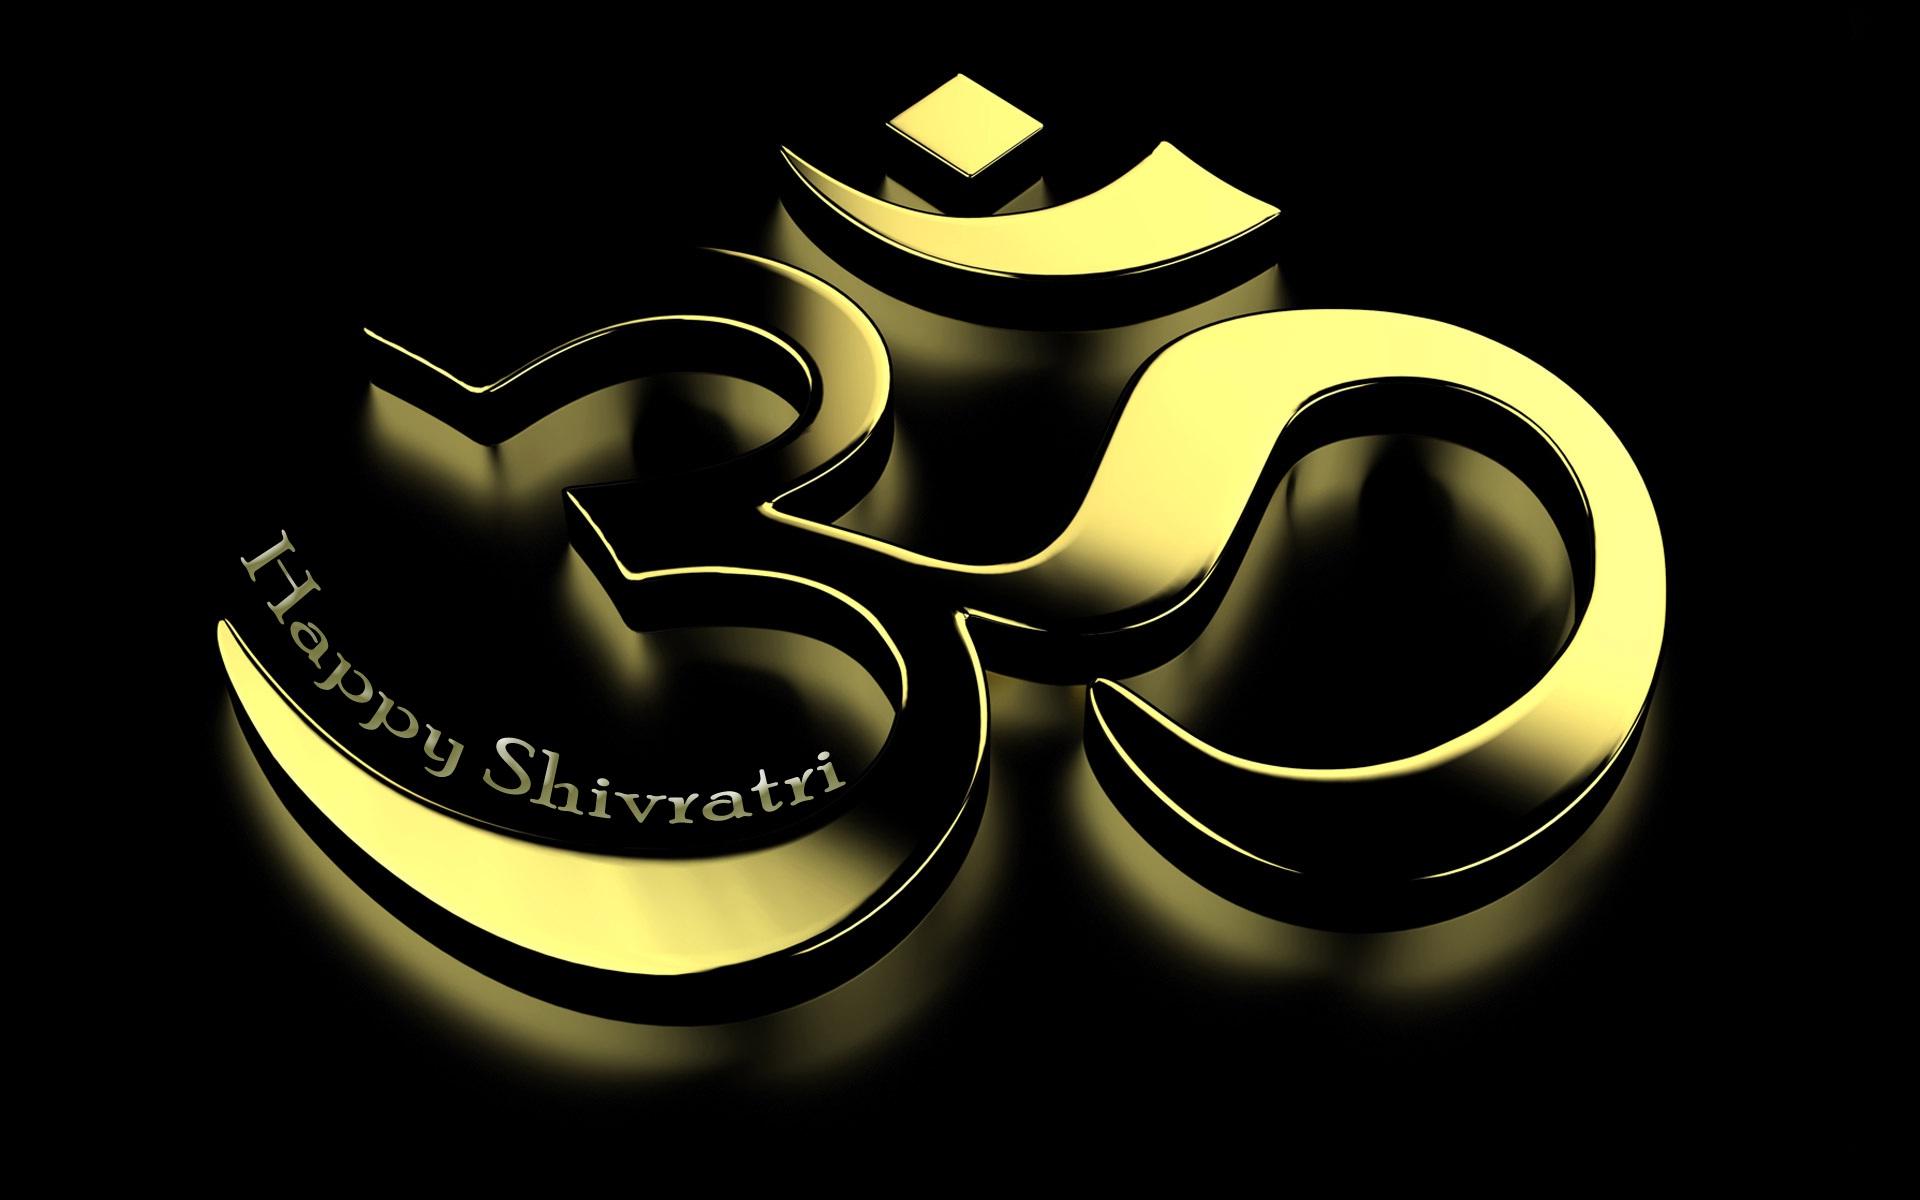 Om Lord Shiva HD Wallpapers Rocks 1920x1200